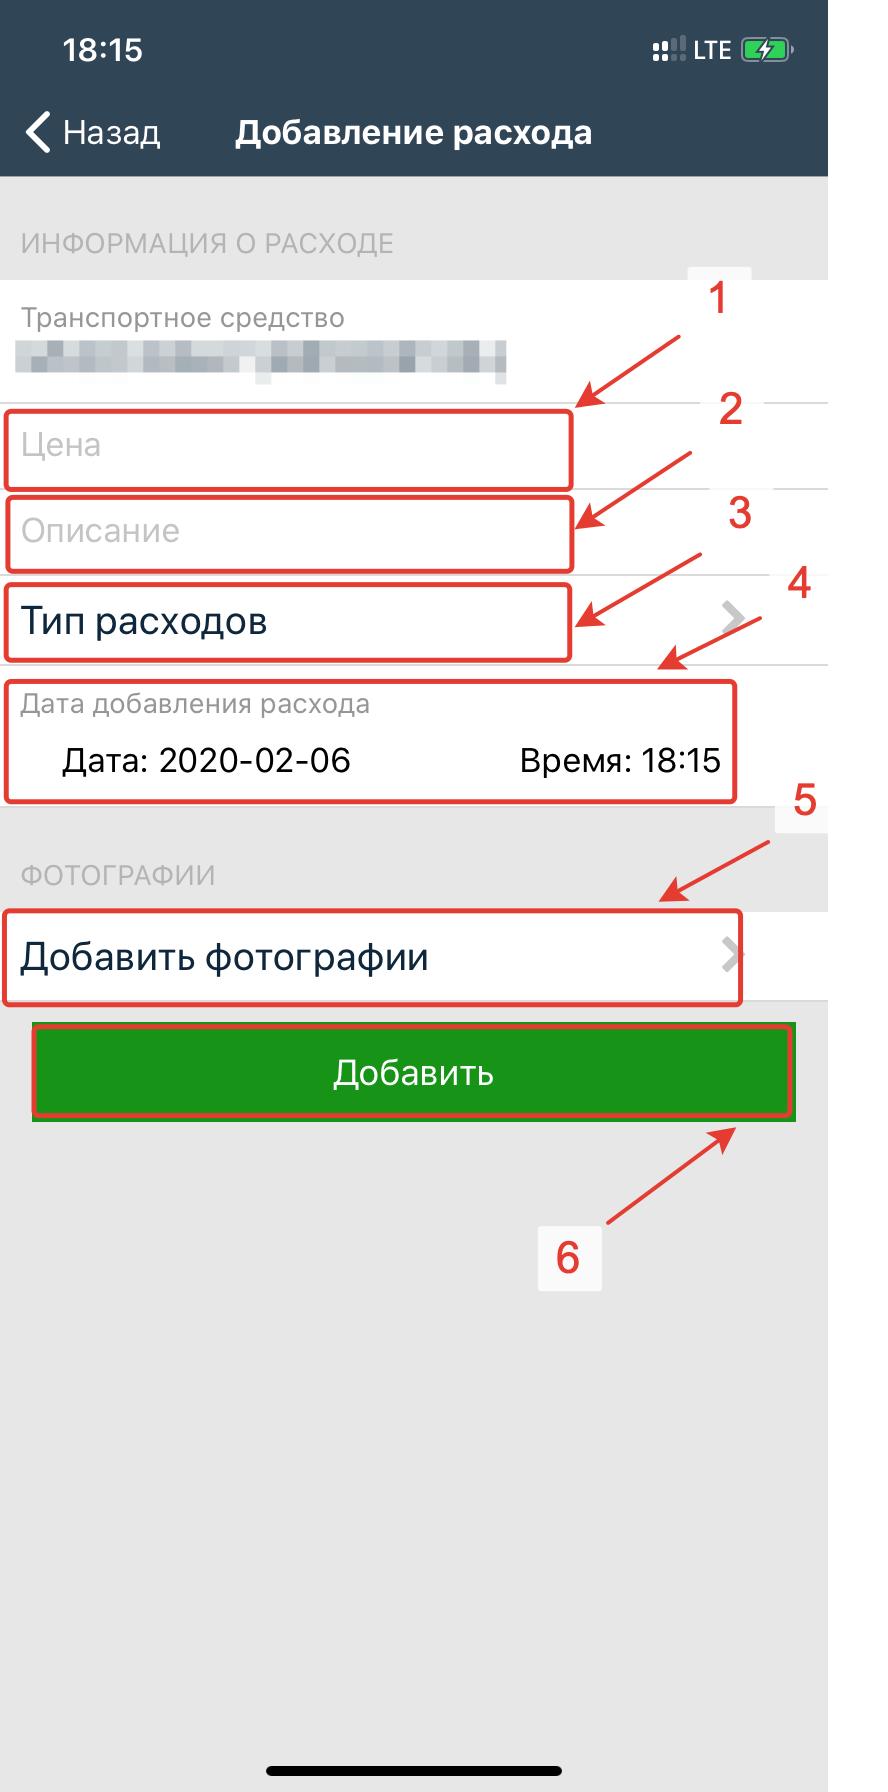 Добавление доп. расхода в мобильном приложении Завгар Онлайн